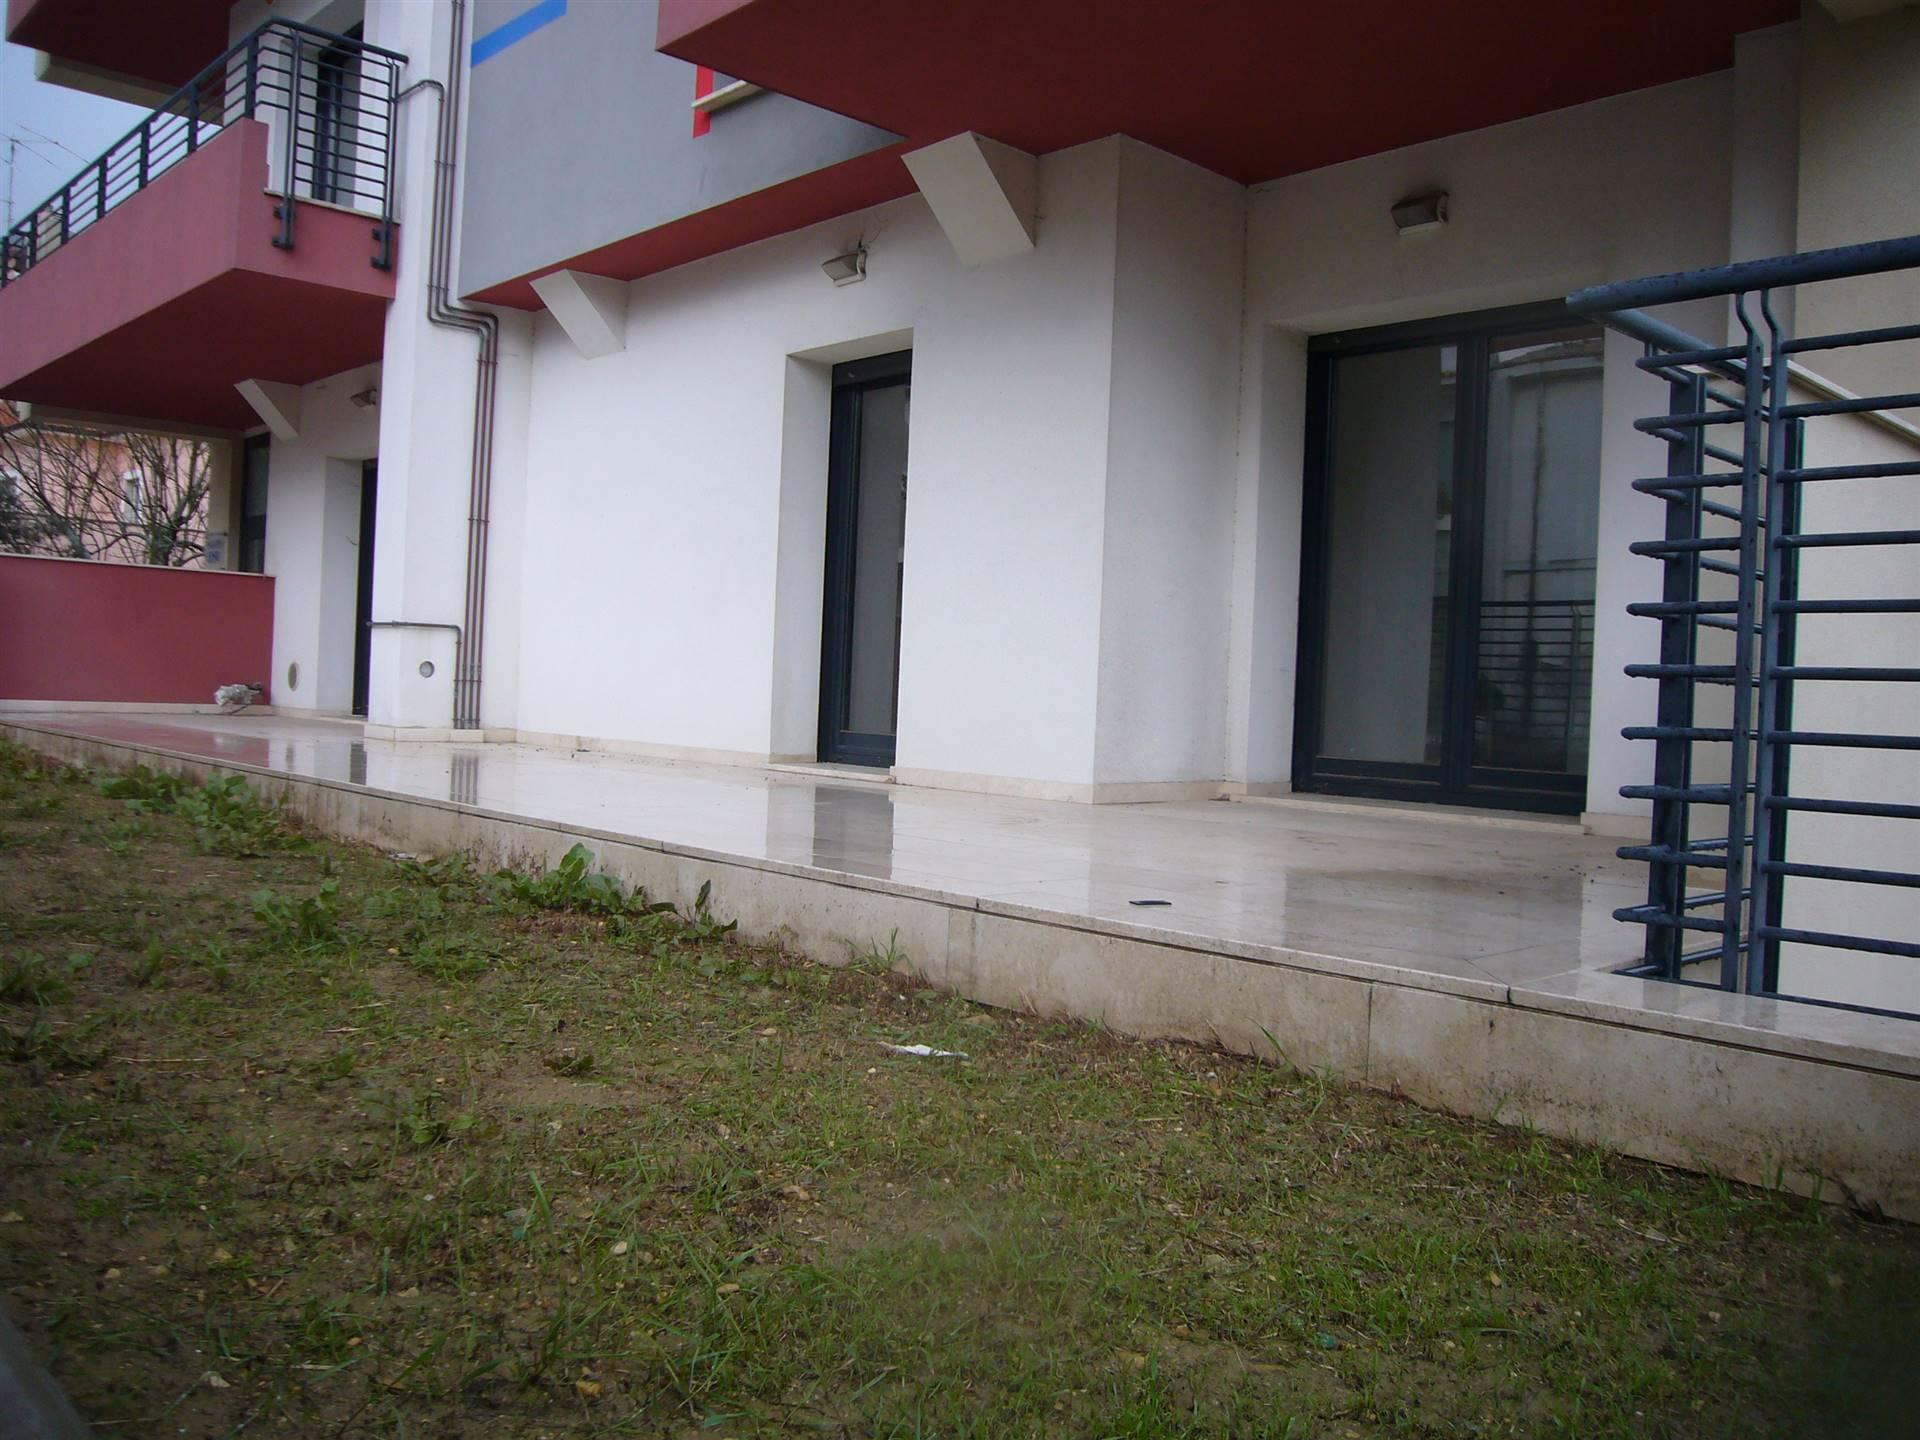 Appartamento in vendita a Francavilla al Mare, 5 locali, zona Località: ZONA SUD, prezzo € 148.000 | PortaleAgenzieImmobiliari.it